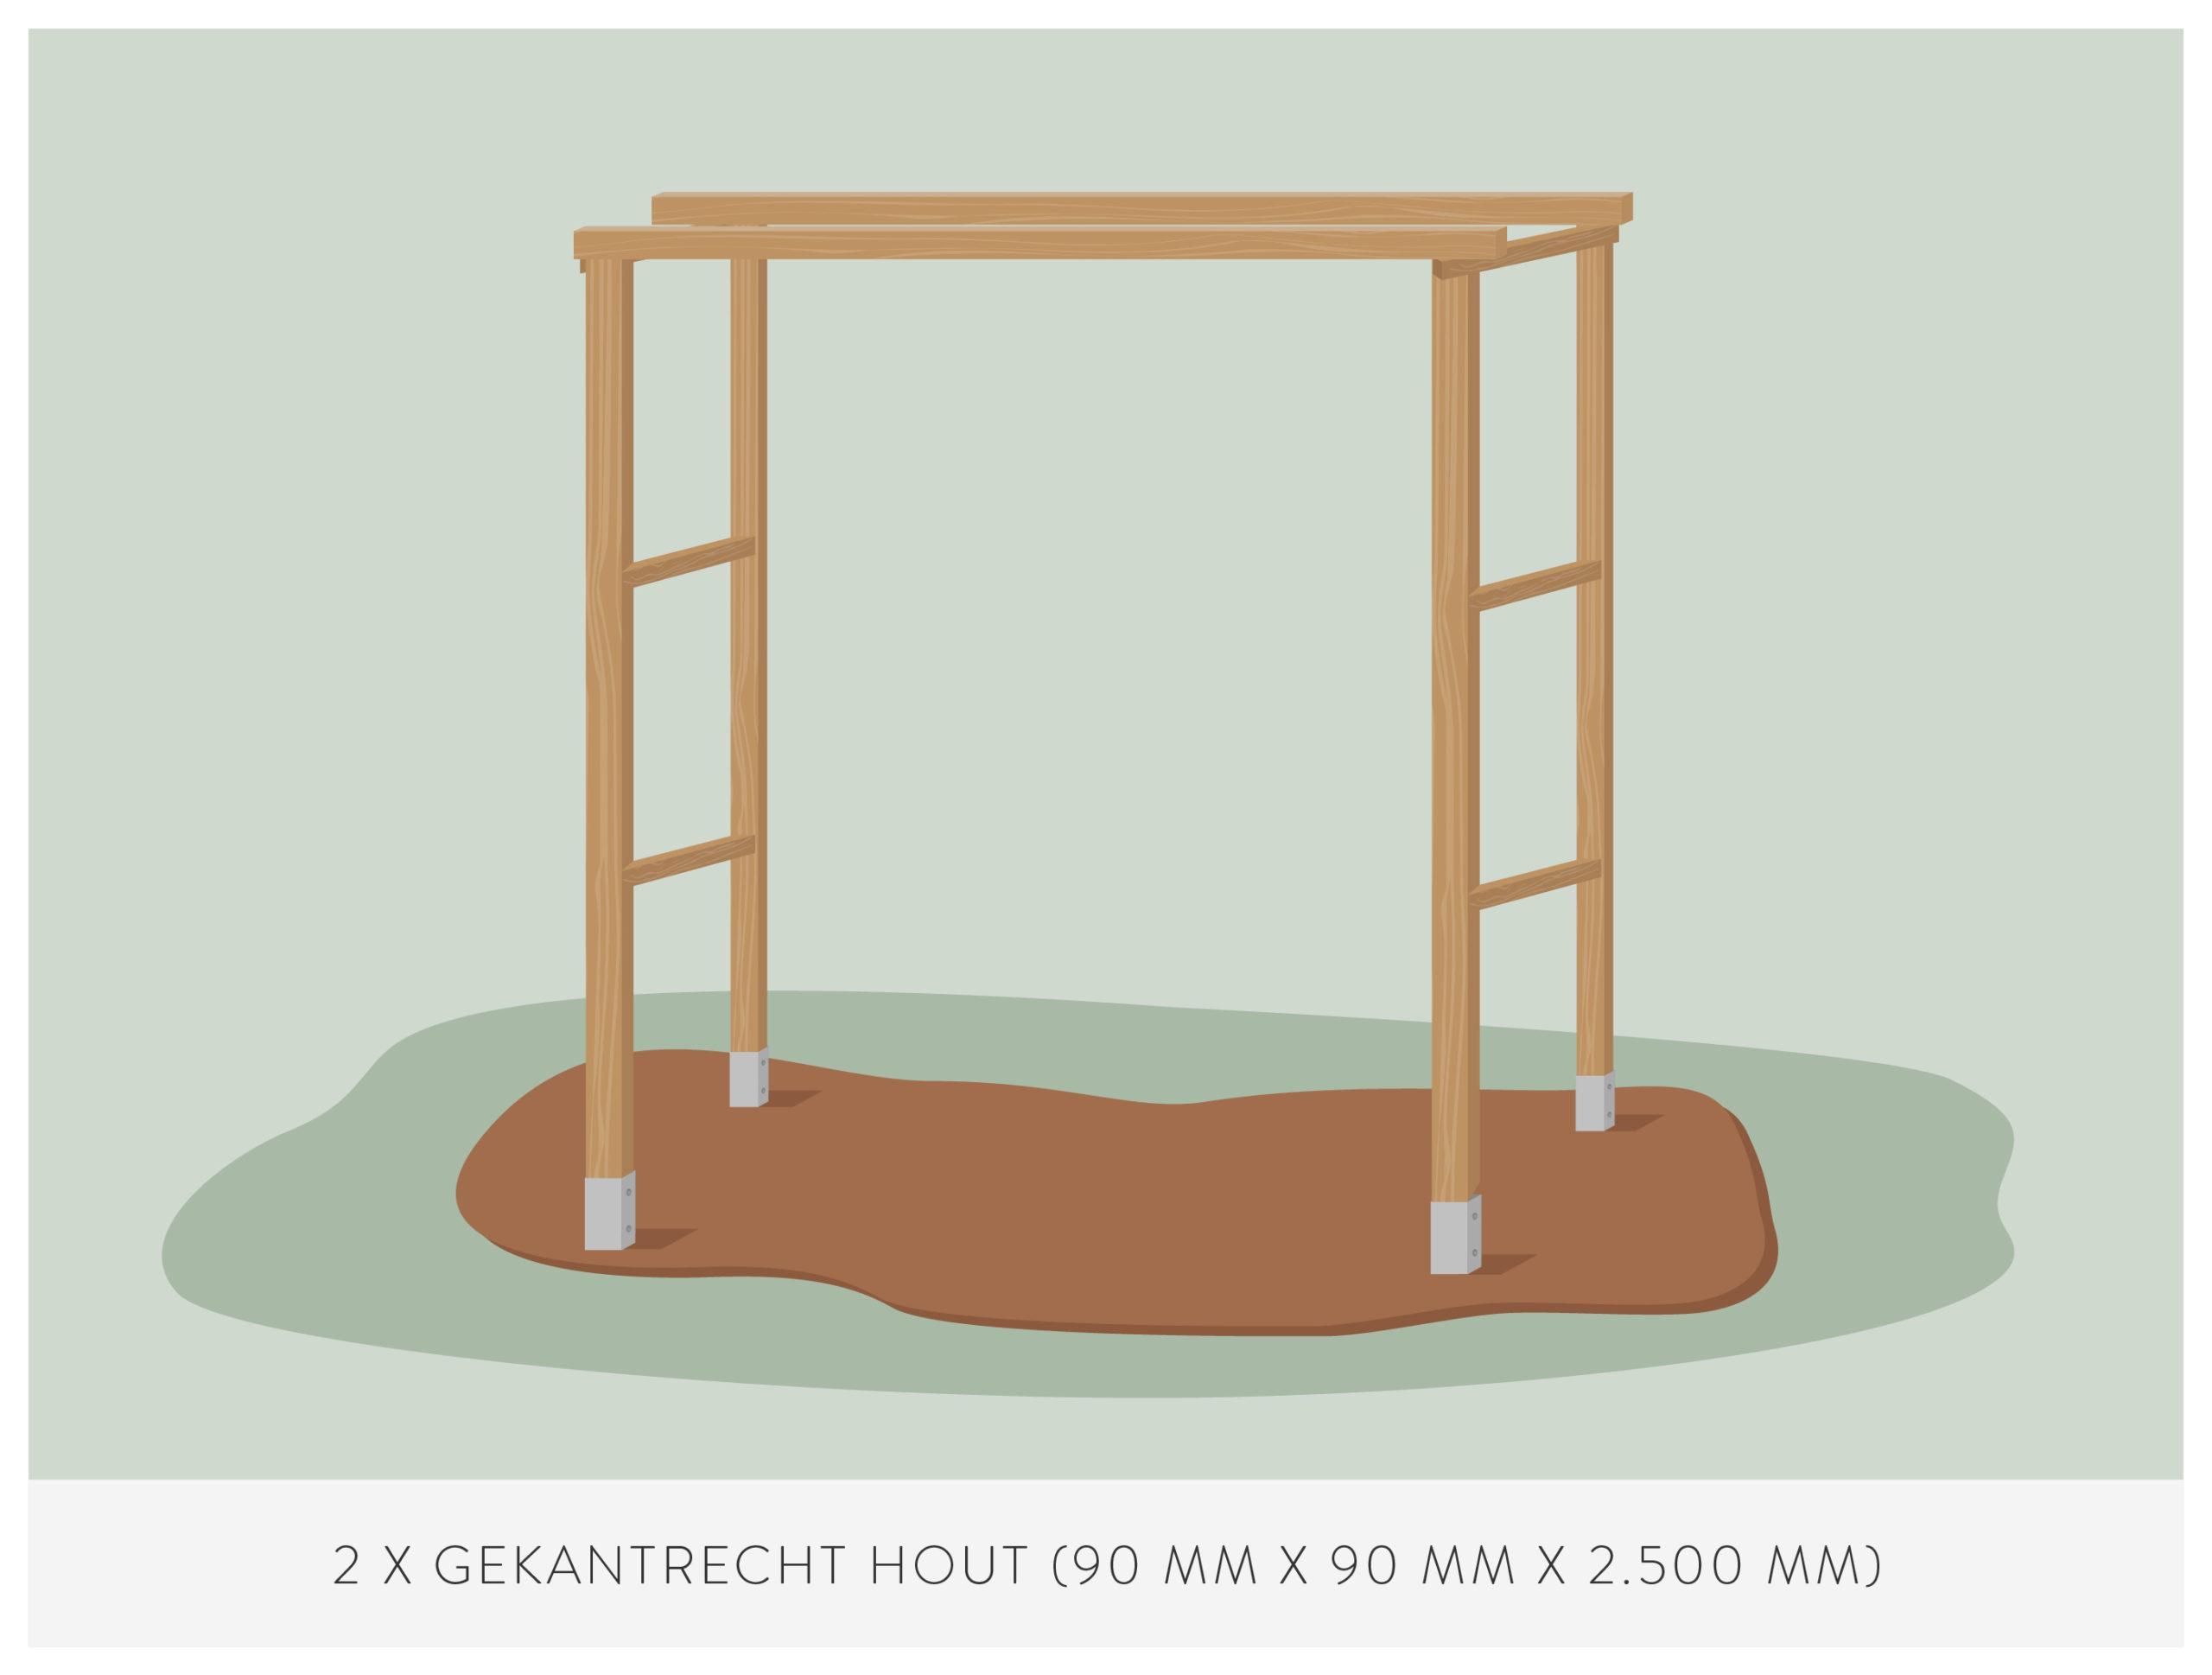 stap 6: het dakframe afmaken voor het tomatenhuis